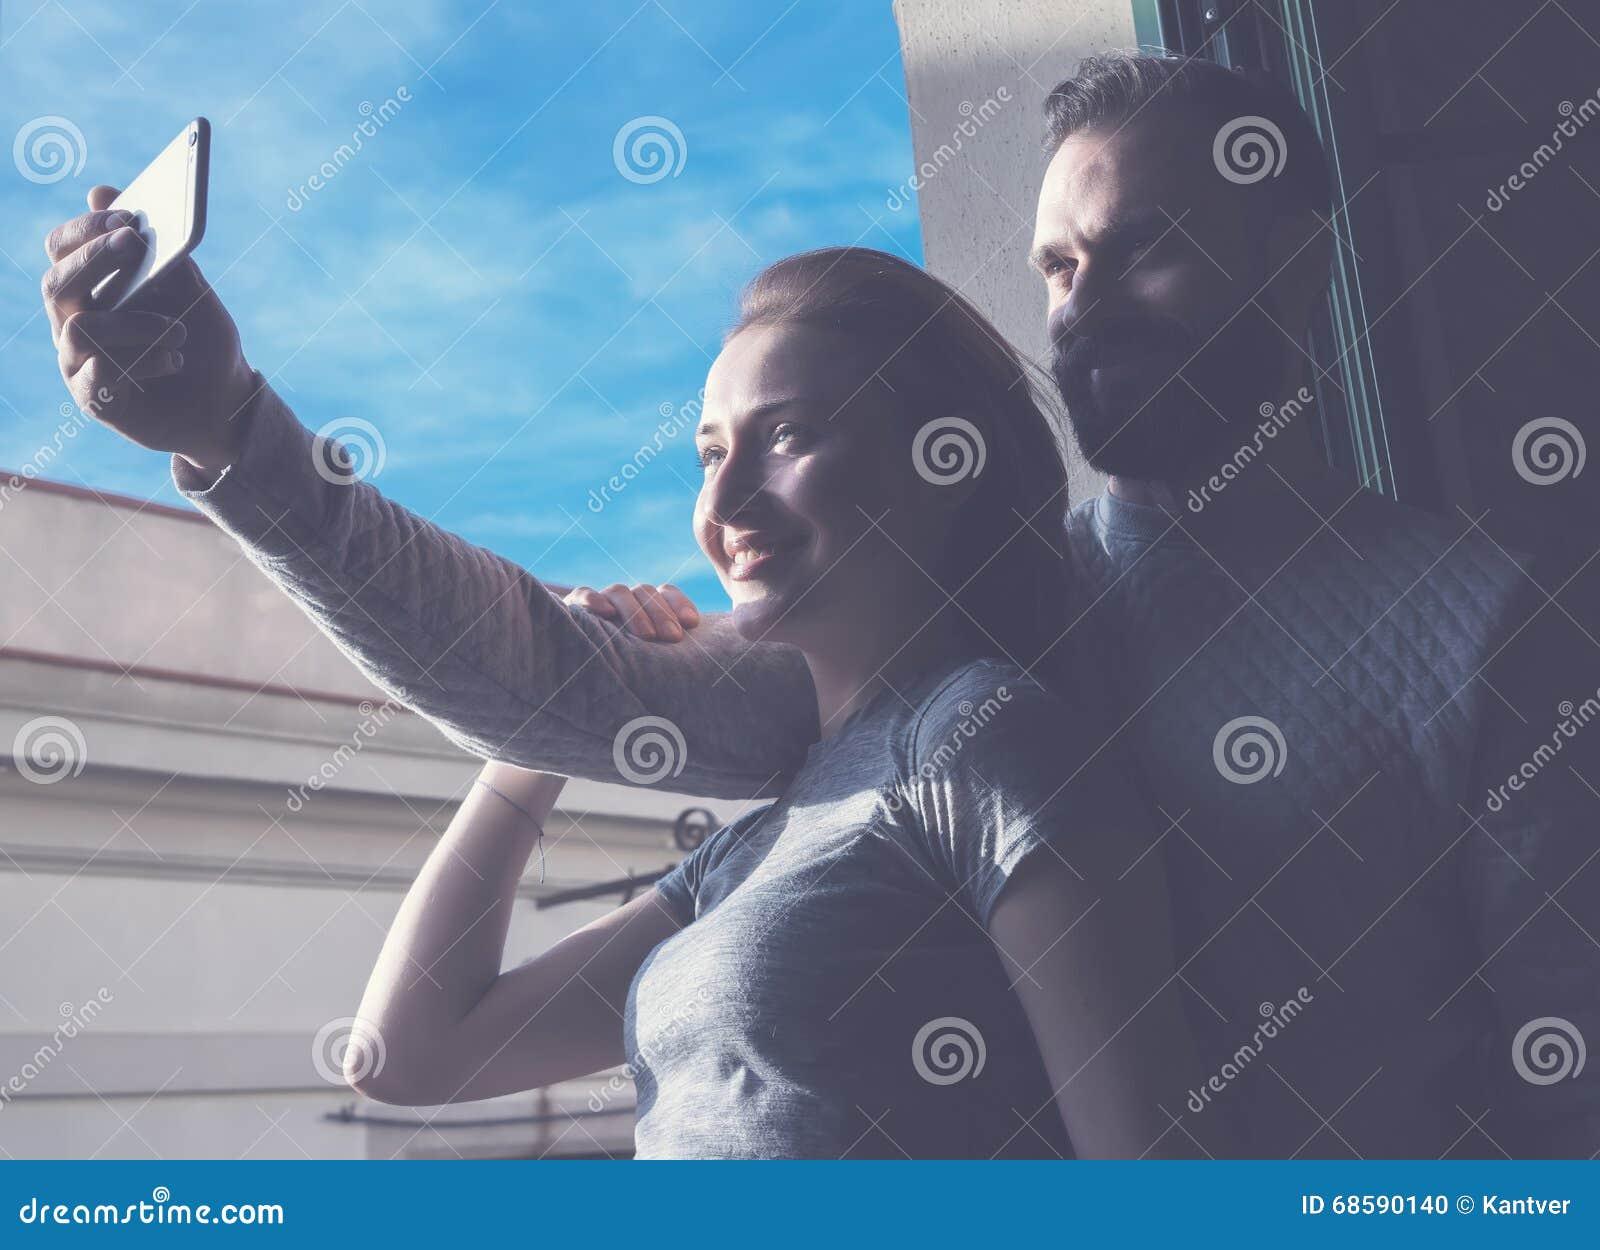 Beste Schlagzeile für Online-Dating-Seiten